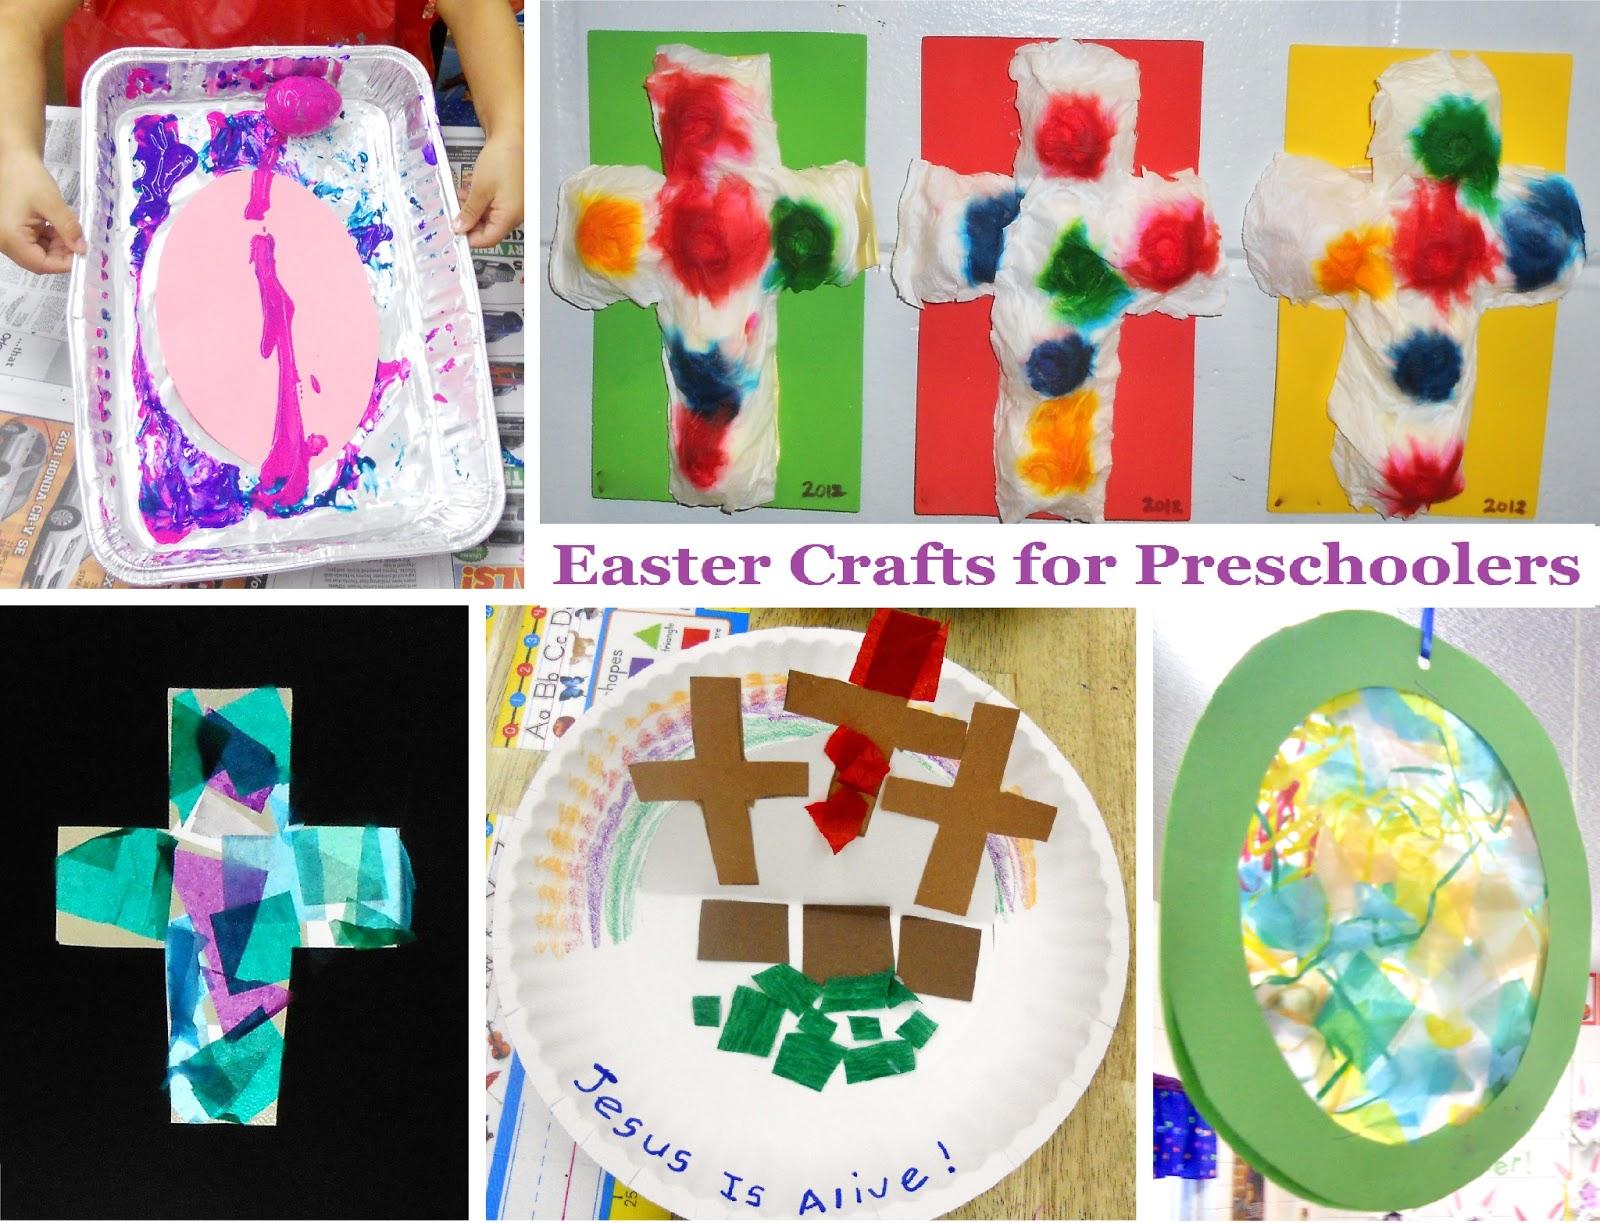 Princesses Pies Preschool Pizzazz 4 Easter Crafts For Preschoolers